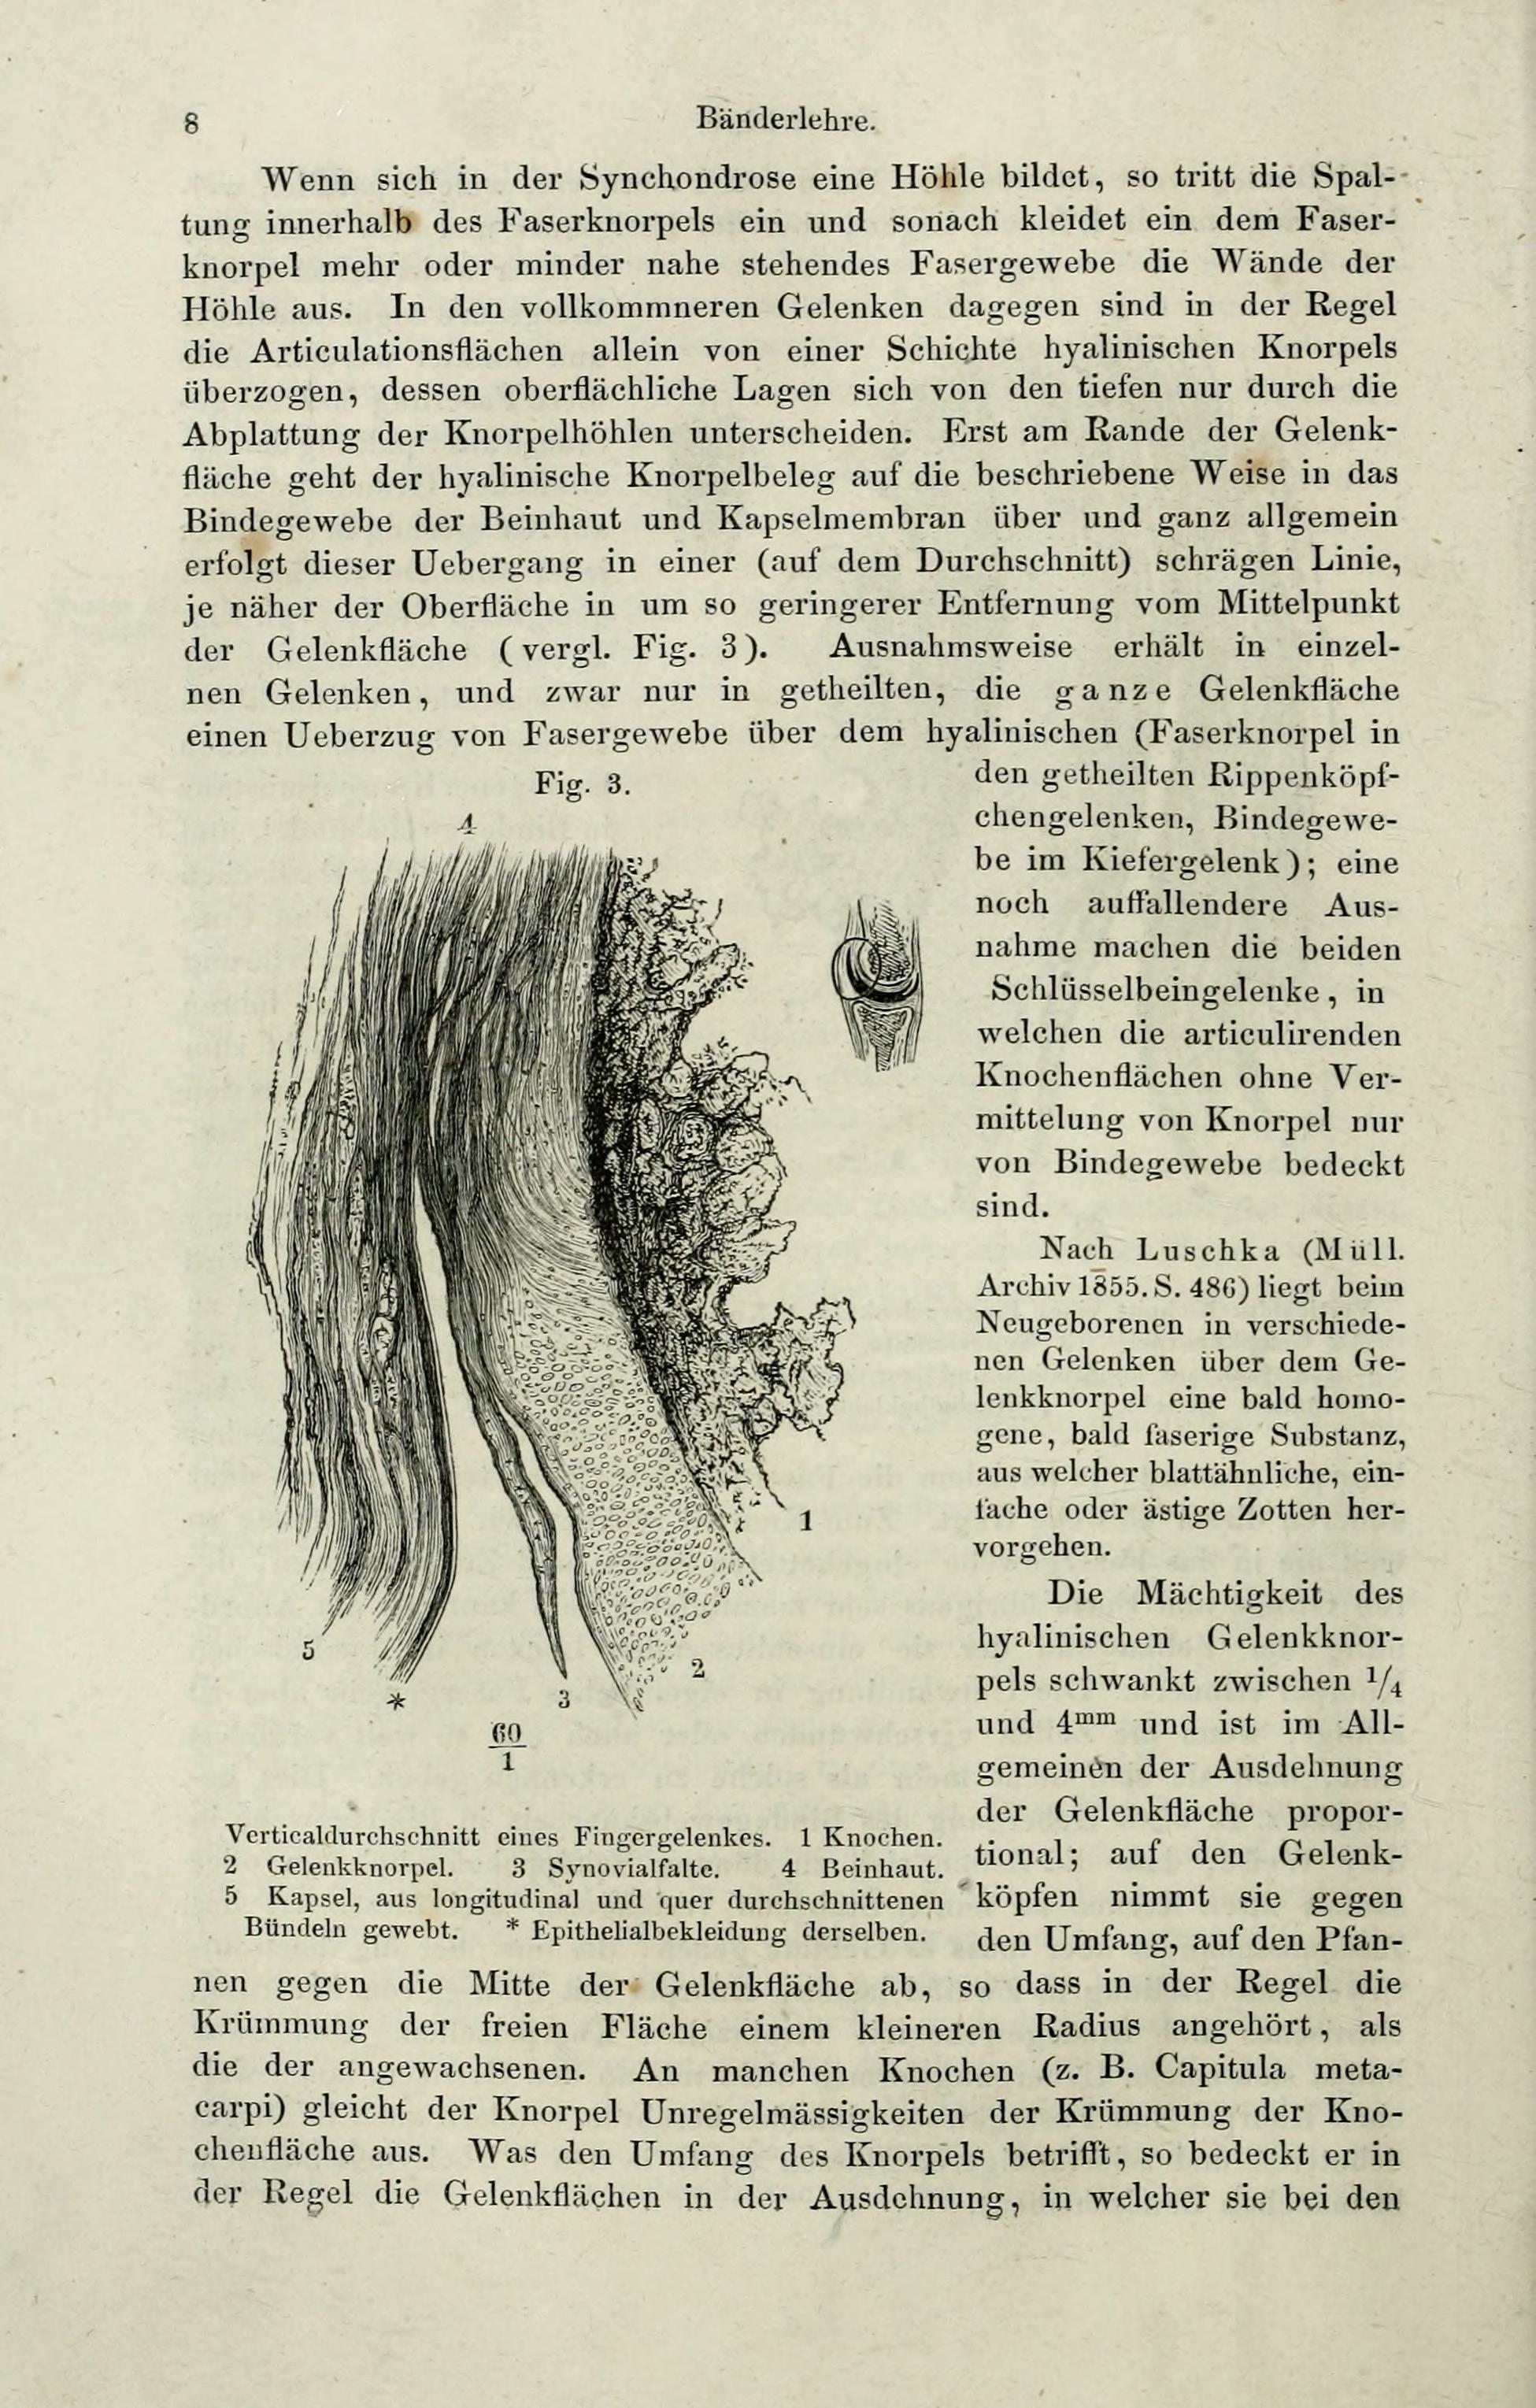 File:Handbuch der systematischen Anatomie des Menschen (Page 8 ...